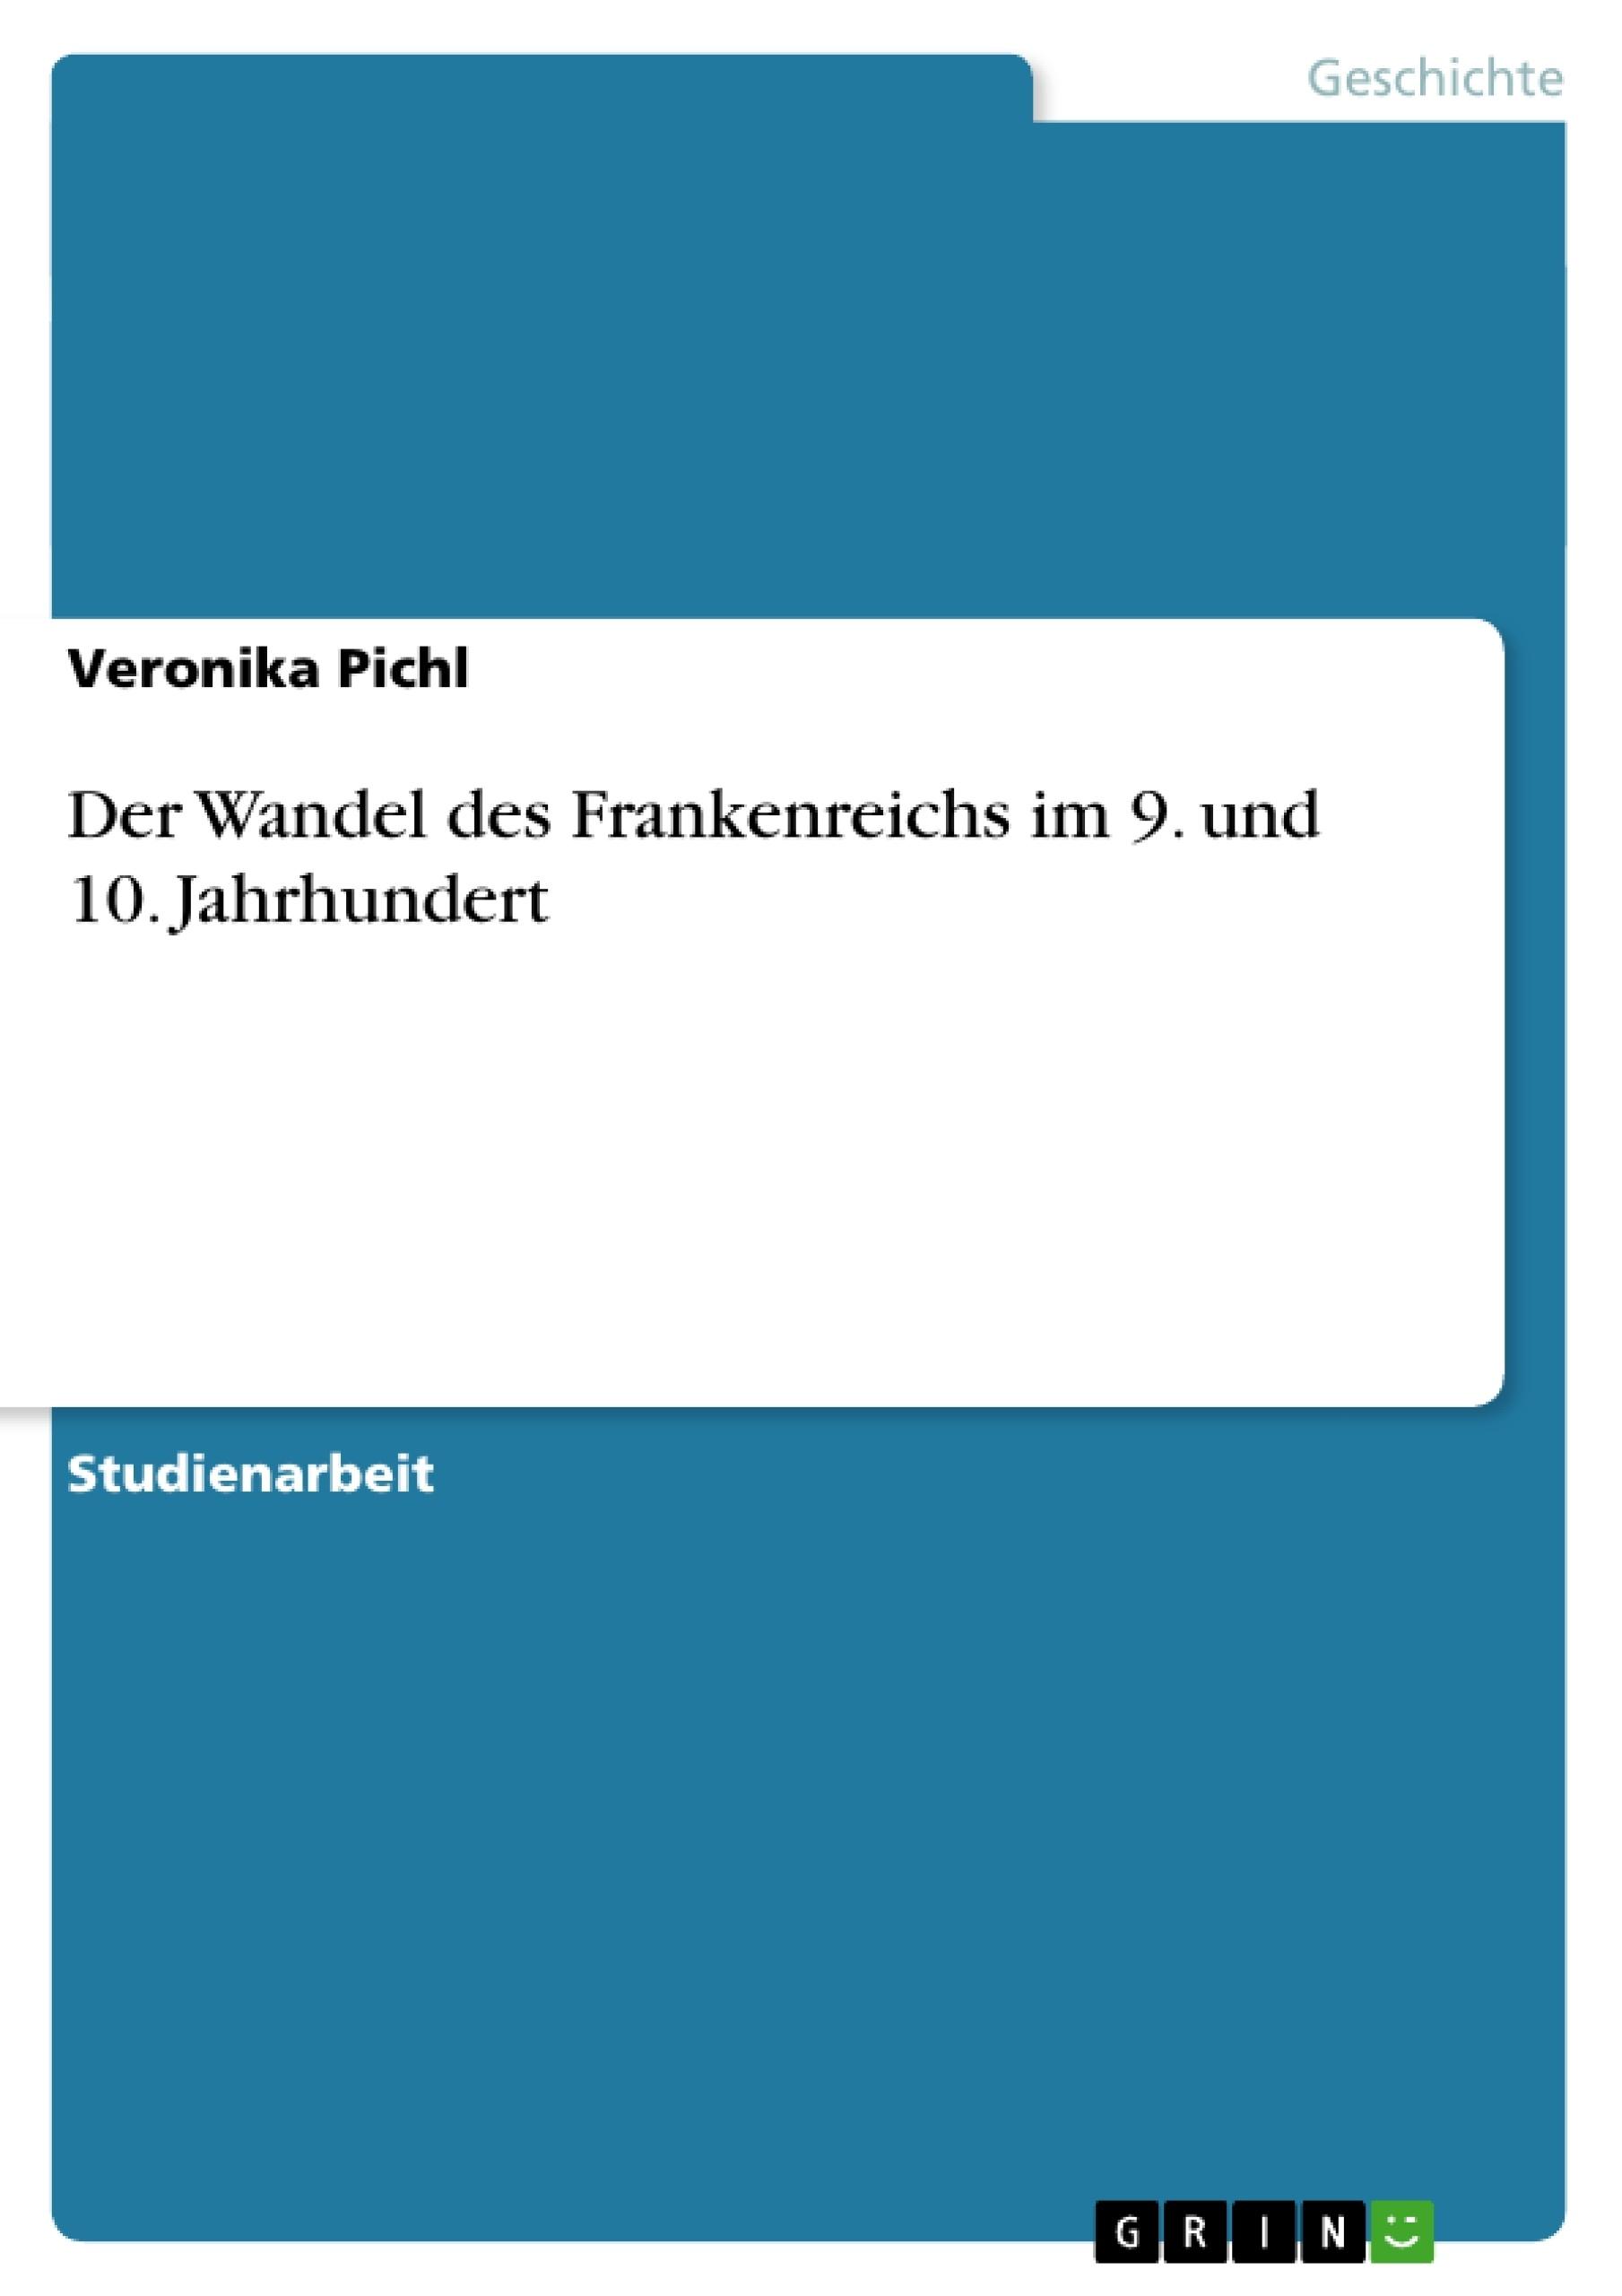 Titel: Der Wandel des Frankenreichs im 9. und 10. Jahrhundert